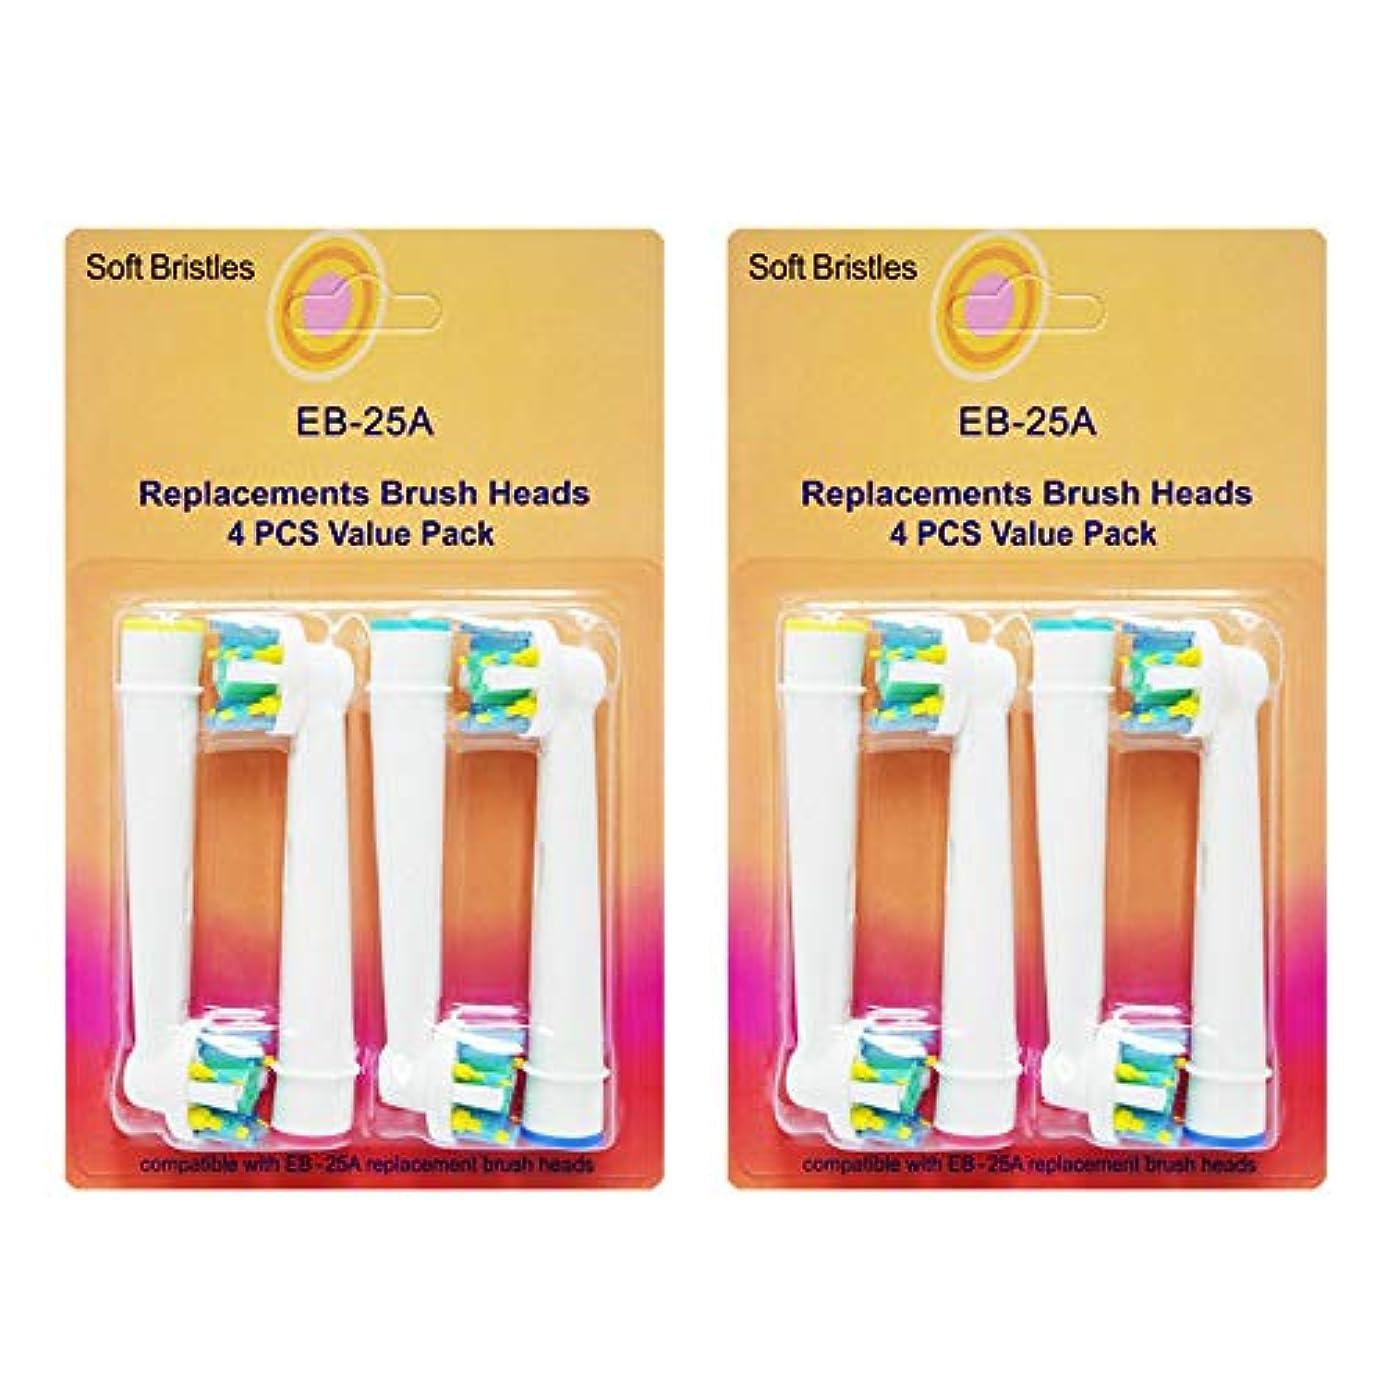 驚アーティファクト弾力性のあるブラウン BRAUN オーラルB 対応 歯間ワイパー付ブラシ 互換 ブラシ 相当品 歯ブラシ 互換ブラシ (2セット合計8本(4本1セット×2)) アーモロート(amaurot) EB25 EB-25 eb25 eb-25